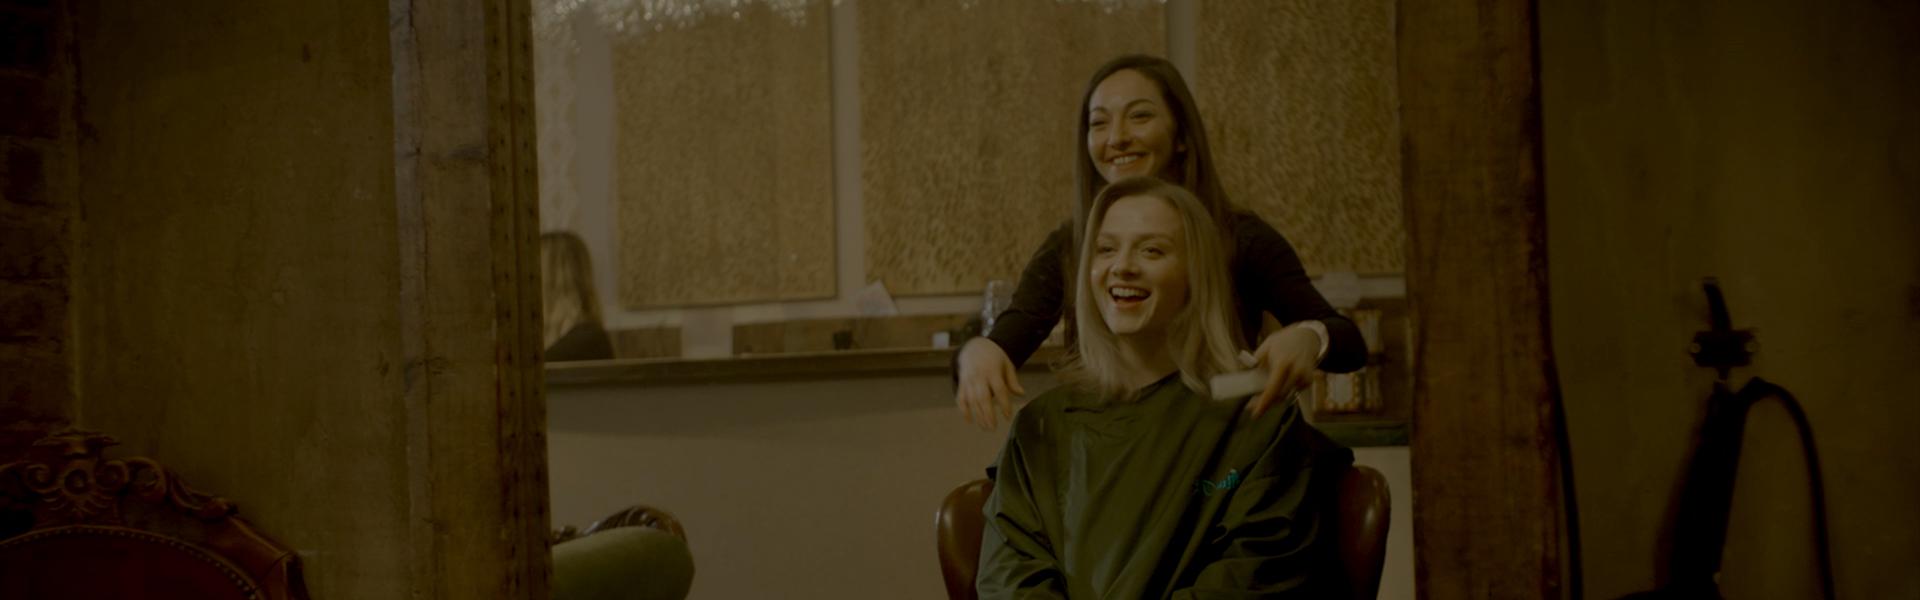 امرأتان في صالون لتصفيف الشعر